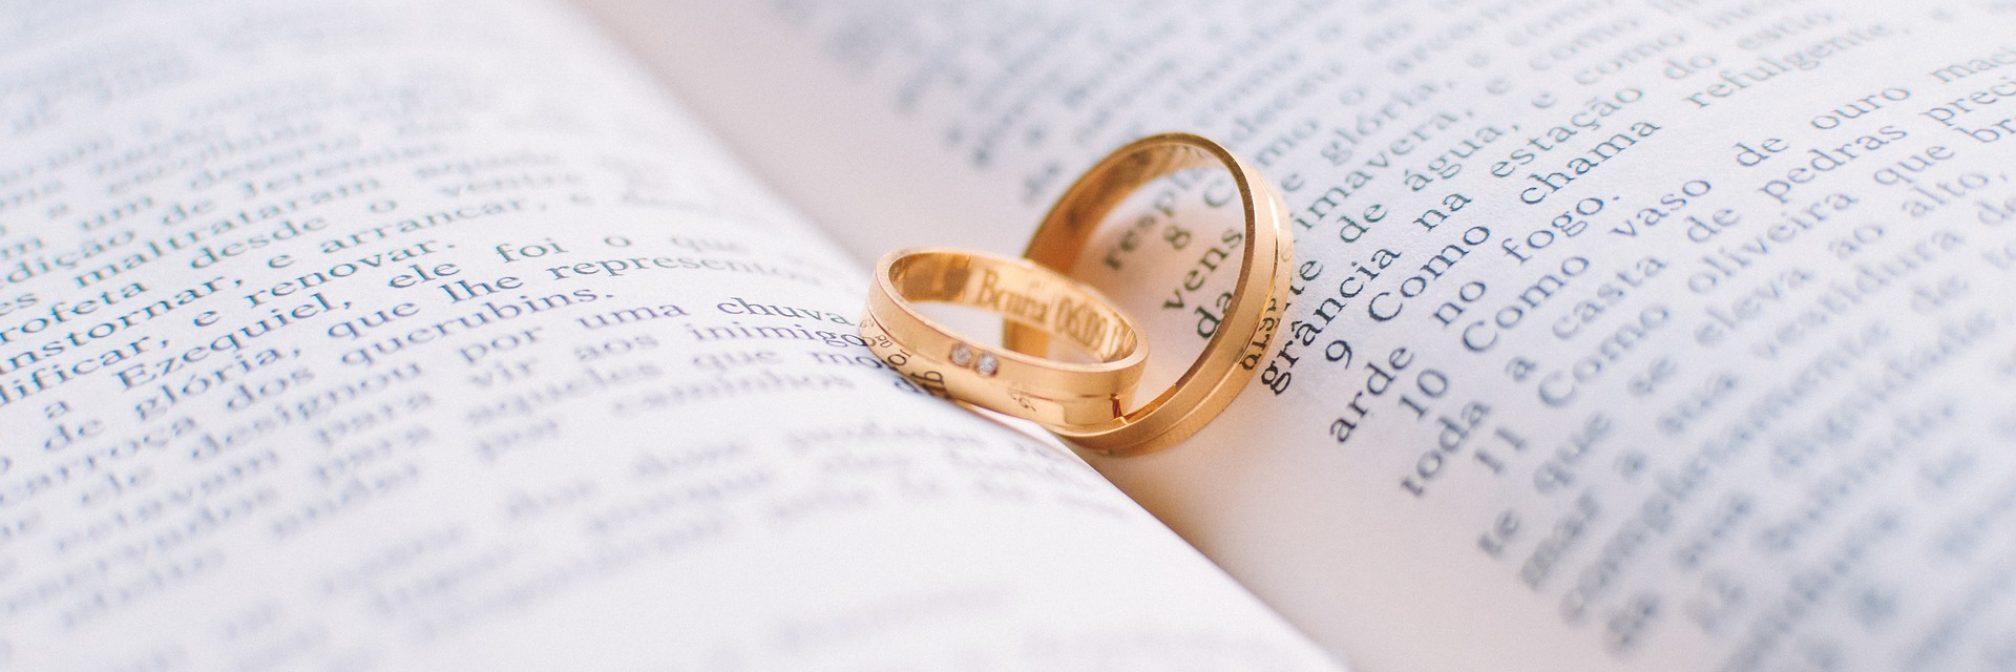 couple-1284225_1920